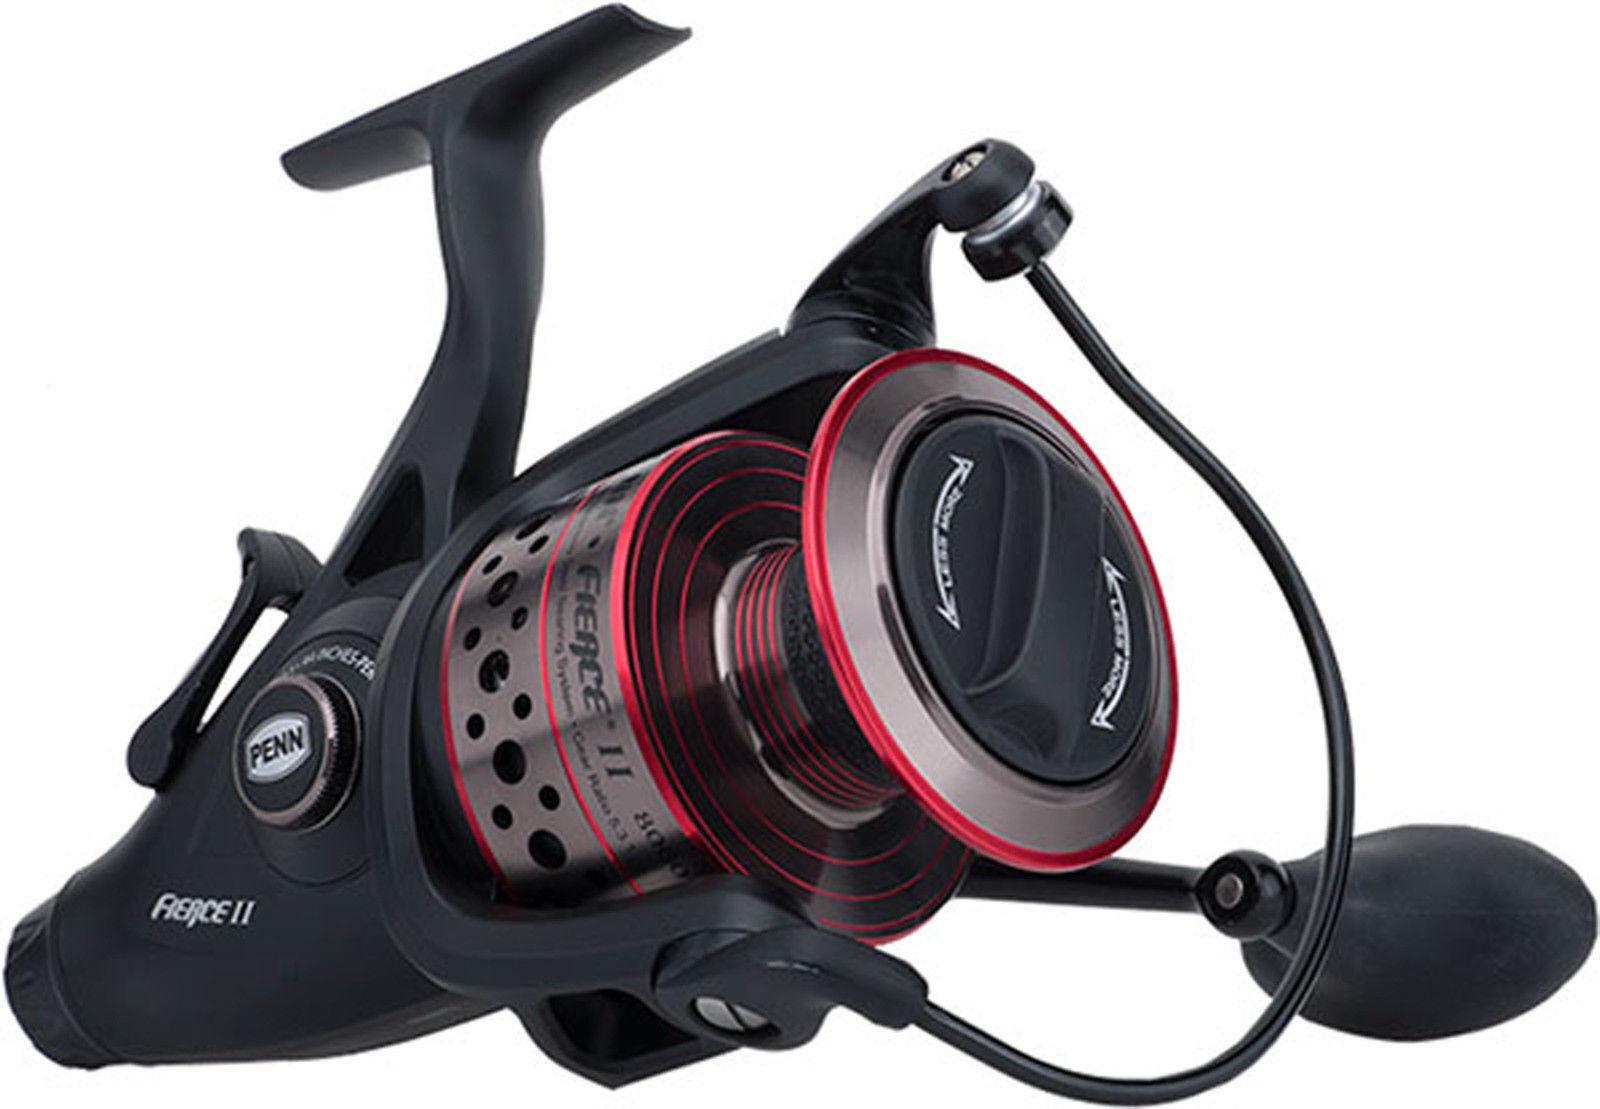 Penn  FIERCE 2 II LIVE LINER Bait Feeder 2500 Spin Fishing Spin Reel + Warranty  unique design